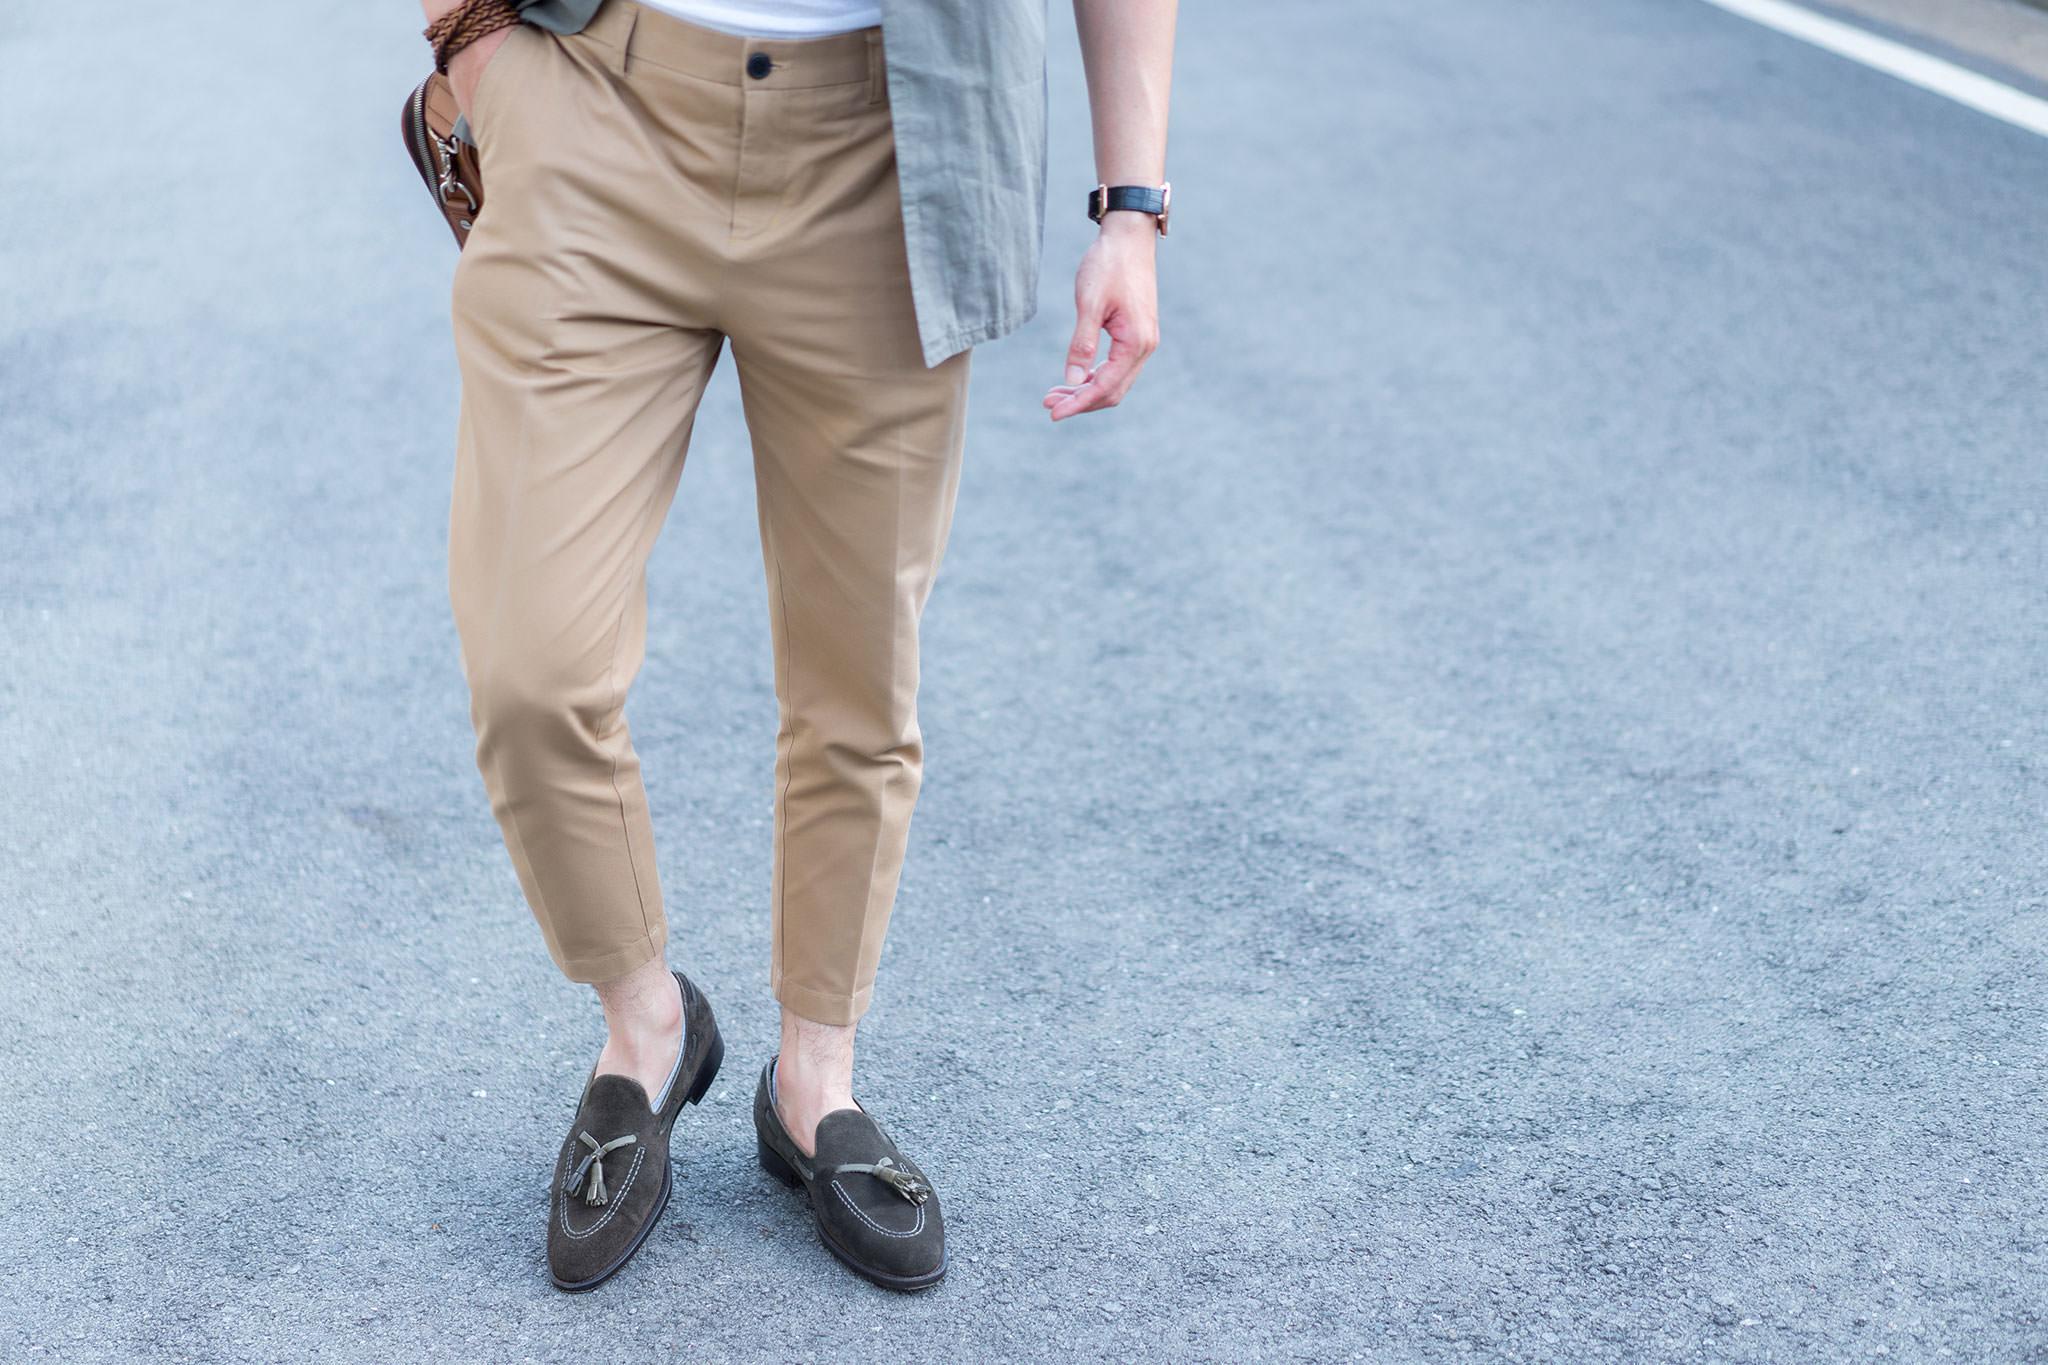 Đôi giày bạn mang nói lên điều gì?